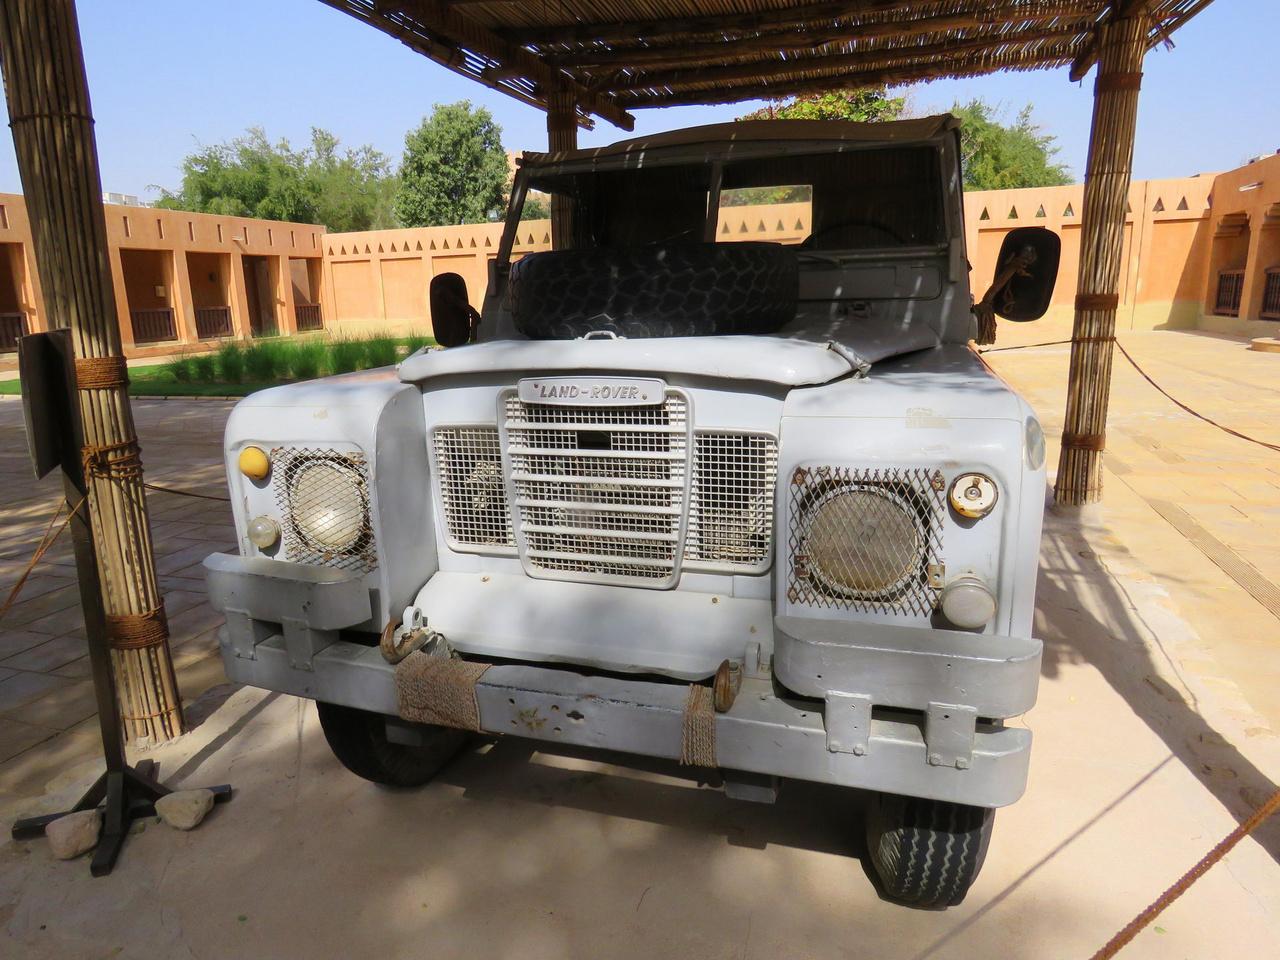 Muzeális Land Rover az Al Ain-i palotában. Fél évszázada a legendás Zayed sejk ezzel látogatta sorba a vele szövetséges beduin törzseket.